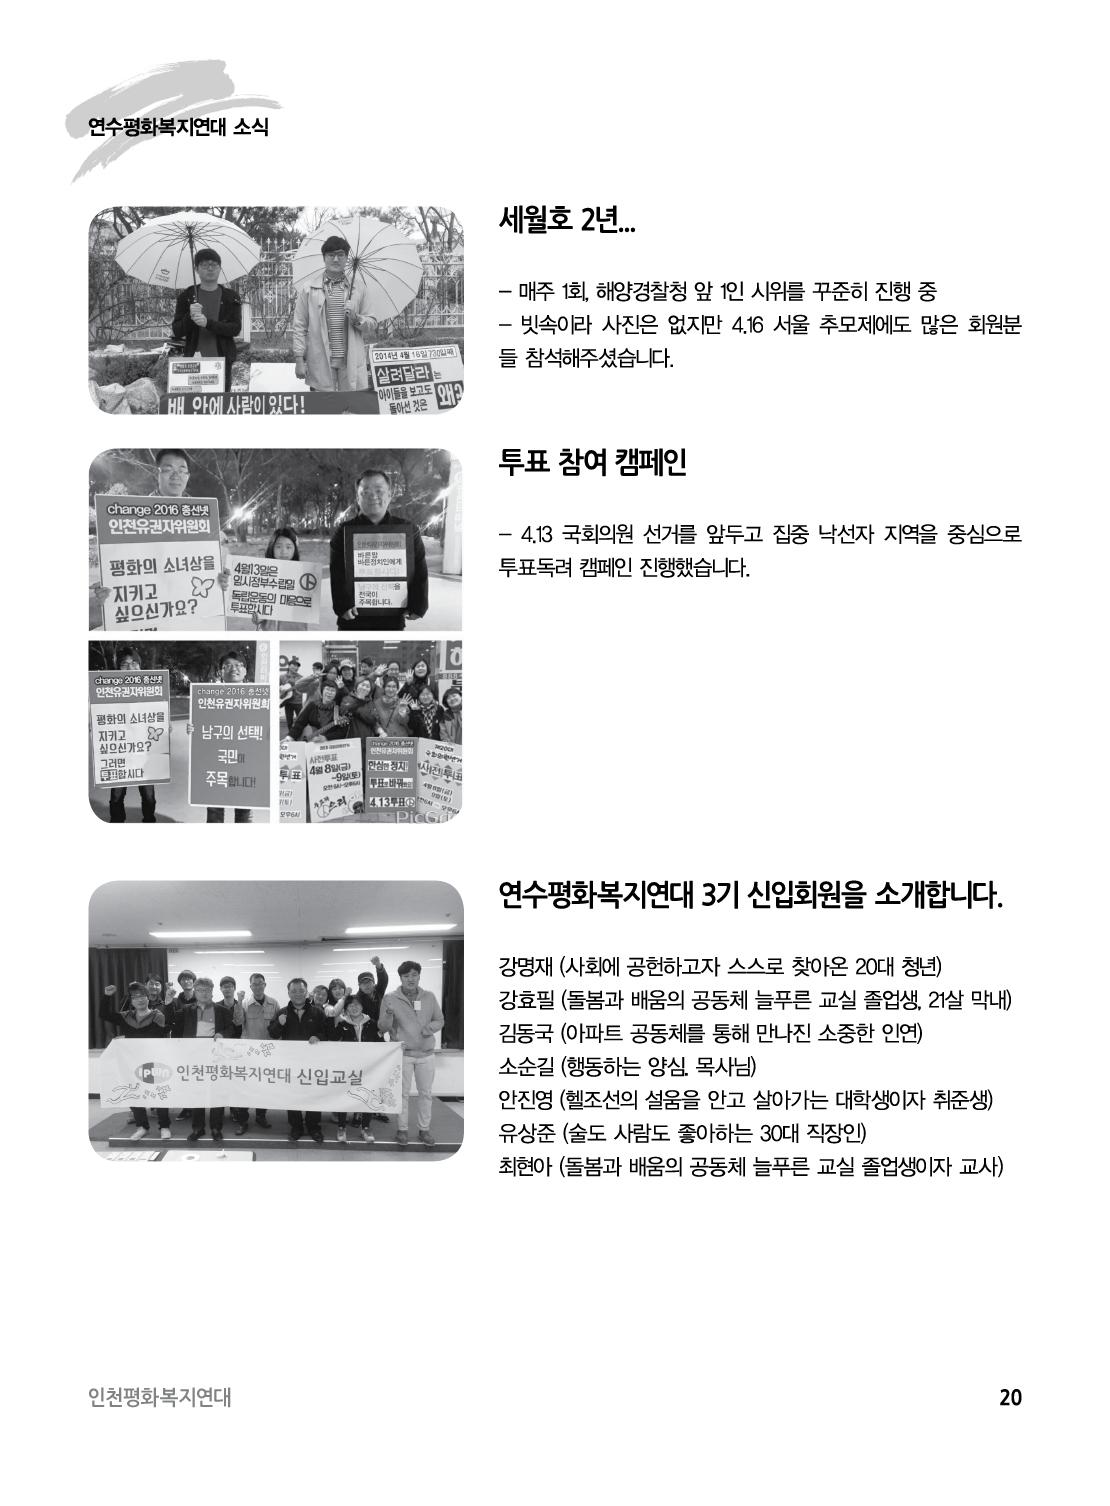 아웃라인 인천평화복지연대 소식지창간준비3호20.jpg